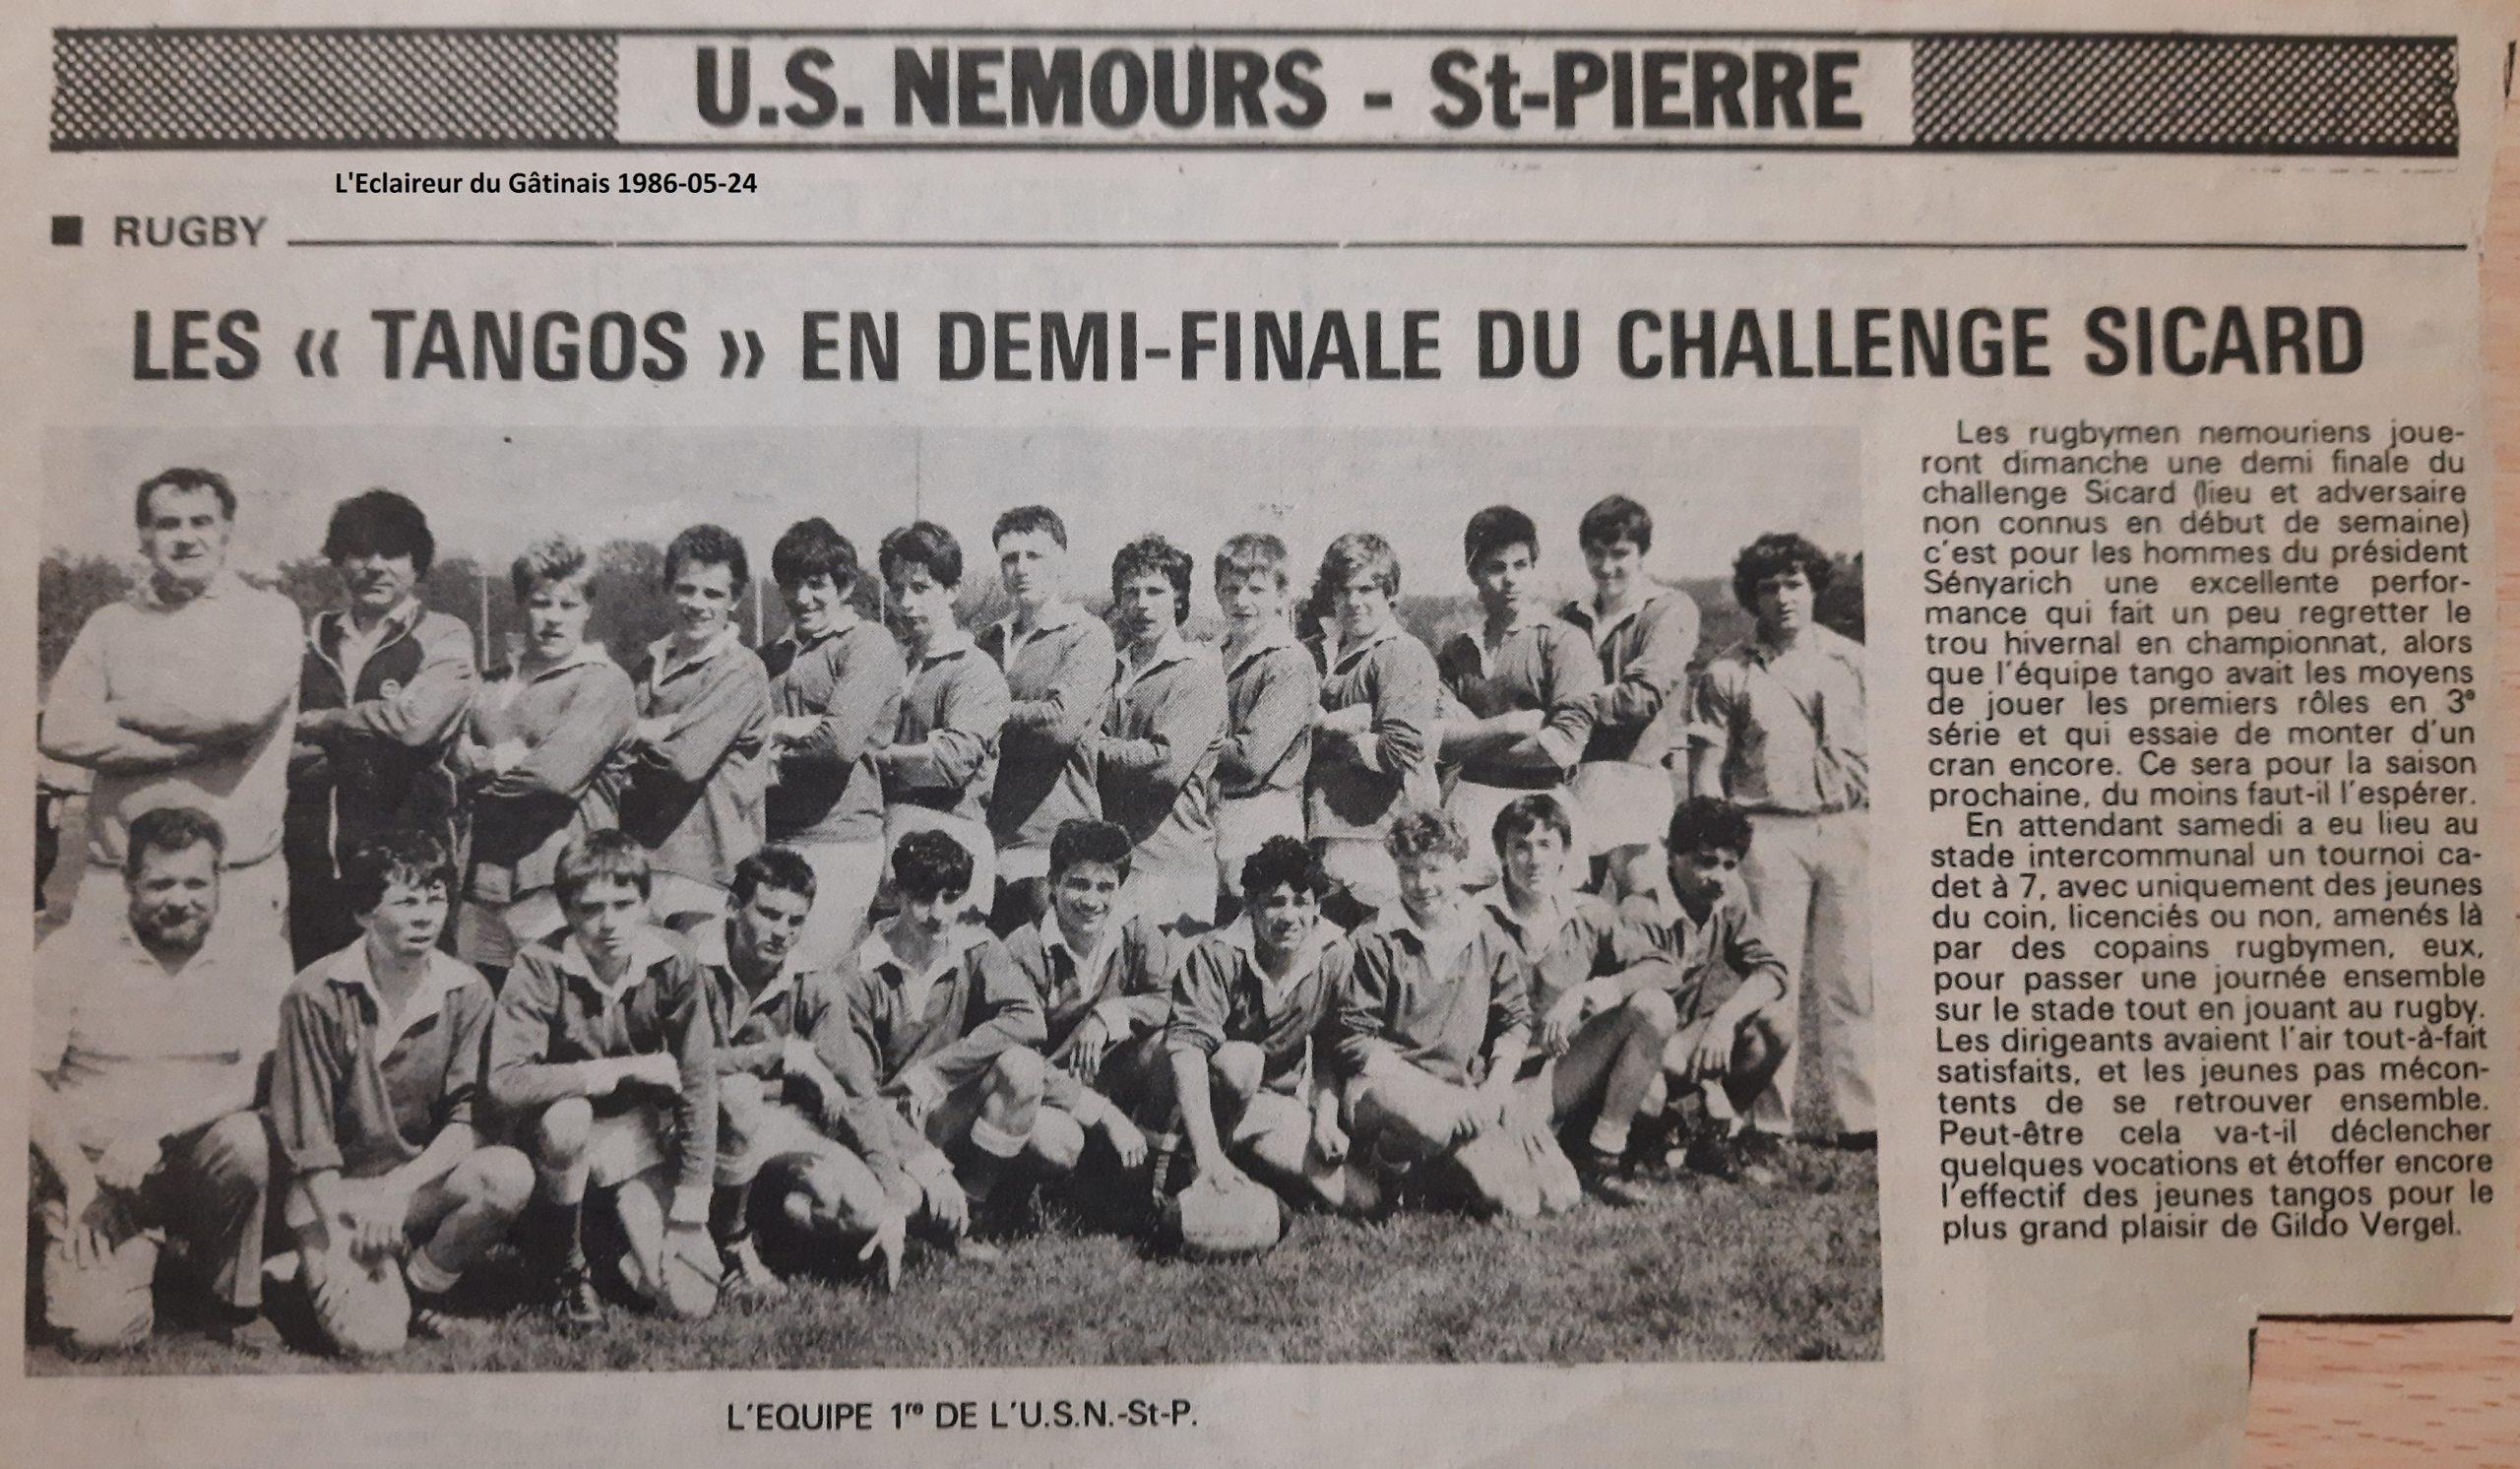 Eclaireur du Gâtinais 1986-05-24